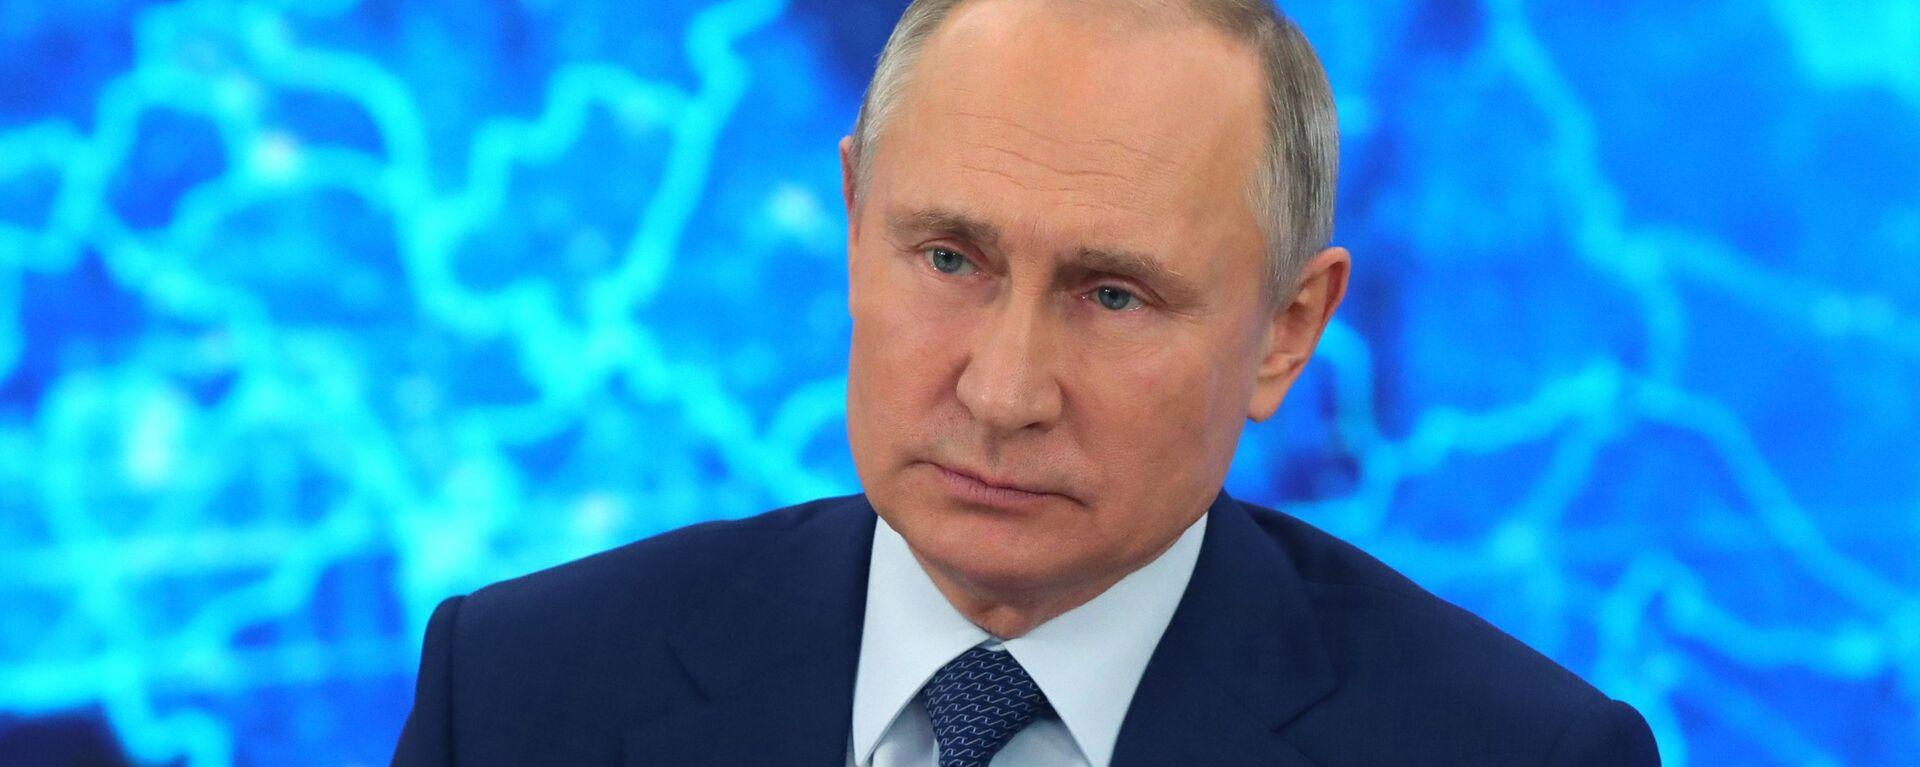 Президент РФ Владимир Путин на большой ежегодной пресс-конференции, 17 декабря 2020 - Sputnik Латвия, 1920, 29.06.2021